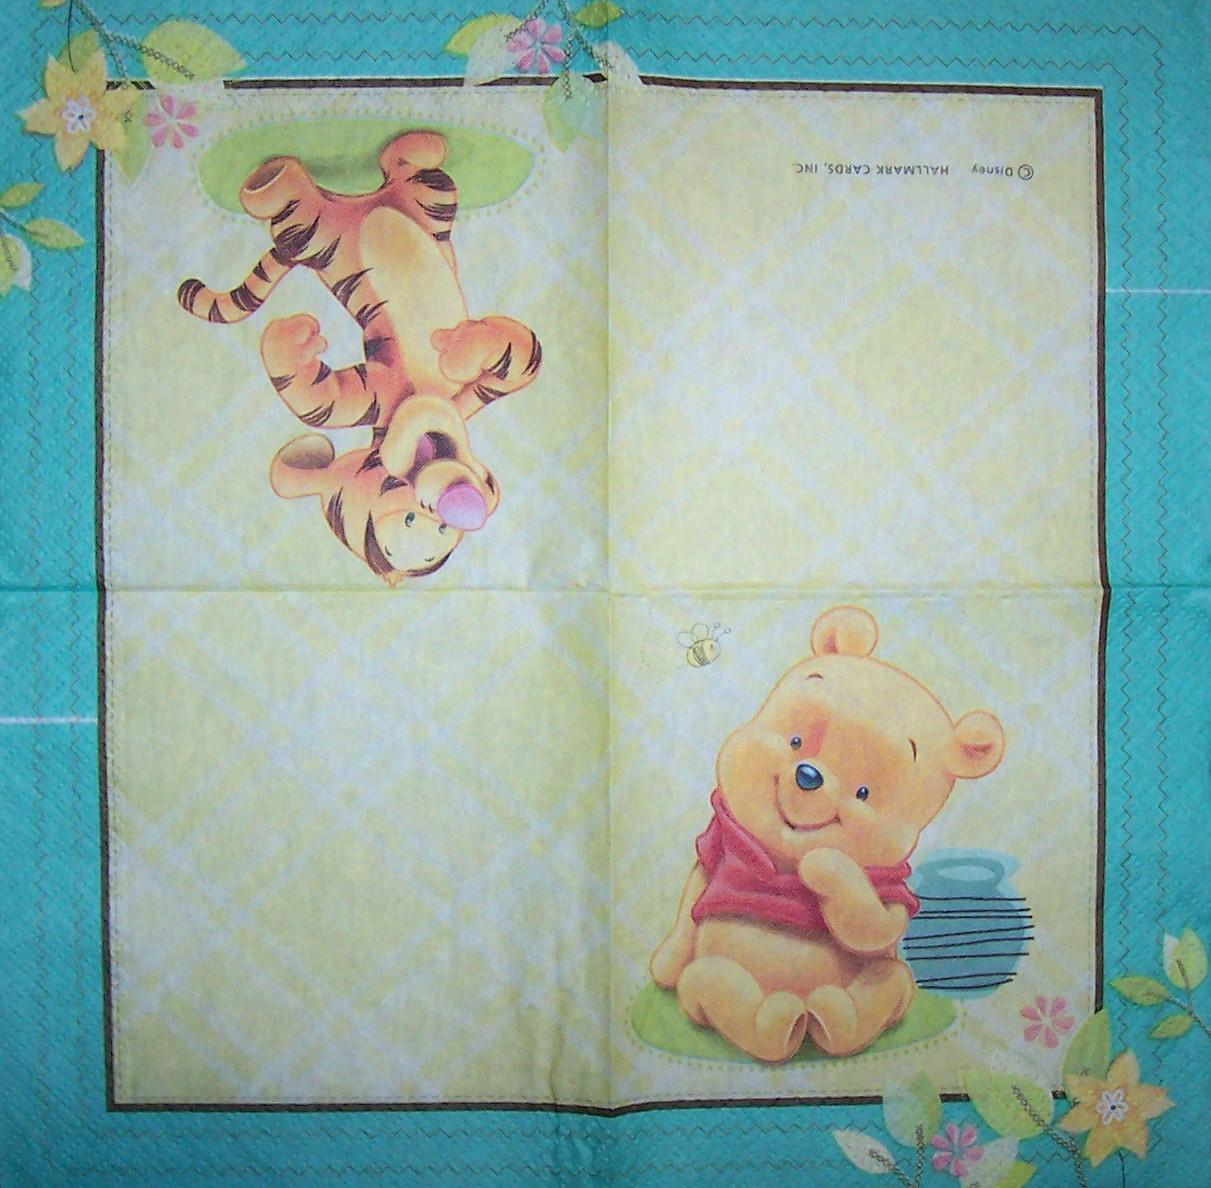 Winnie Pooh Servietten : 4284 winnie pooh baby serviette ~ Sanjose-hotels-ca.com Haus und Dekorationen